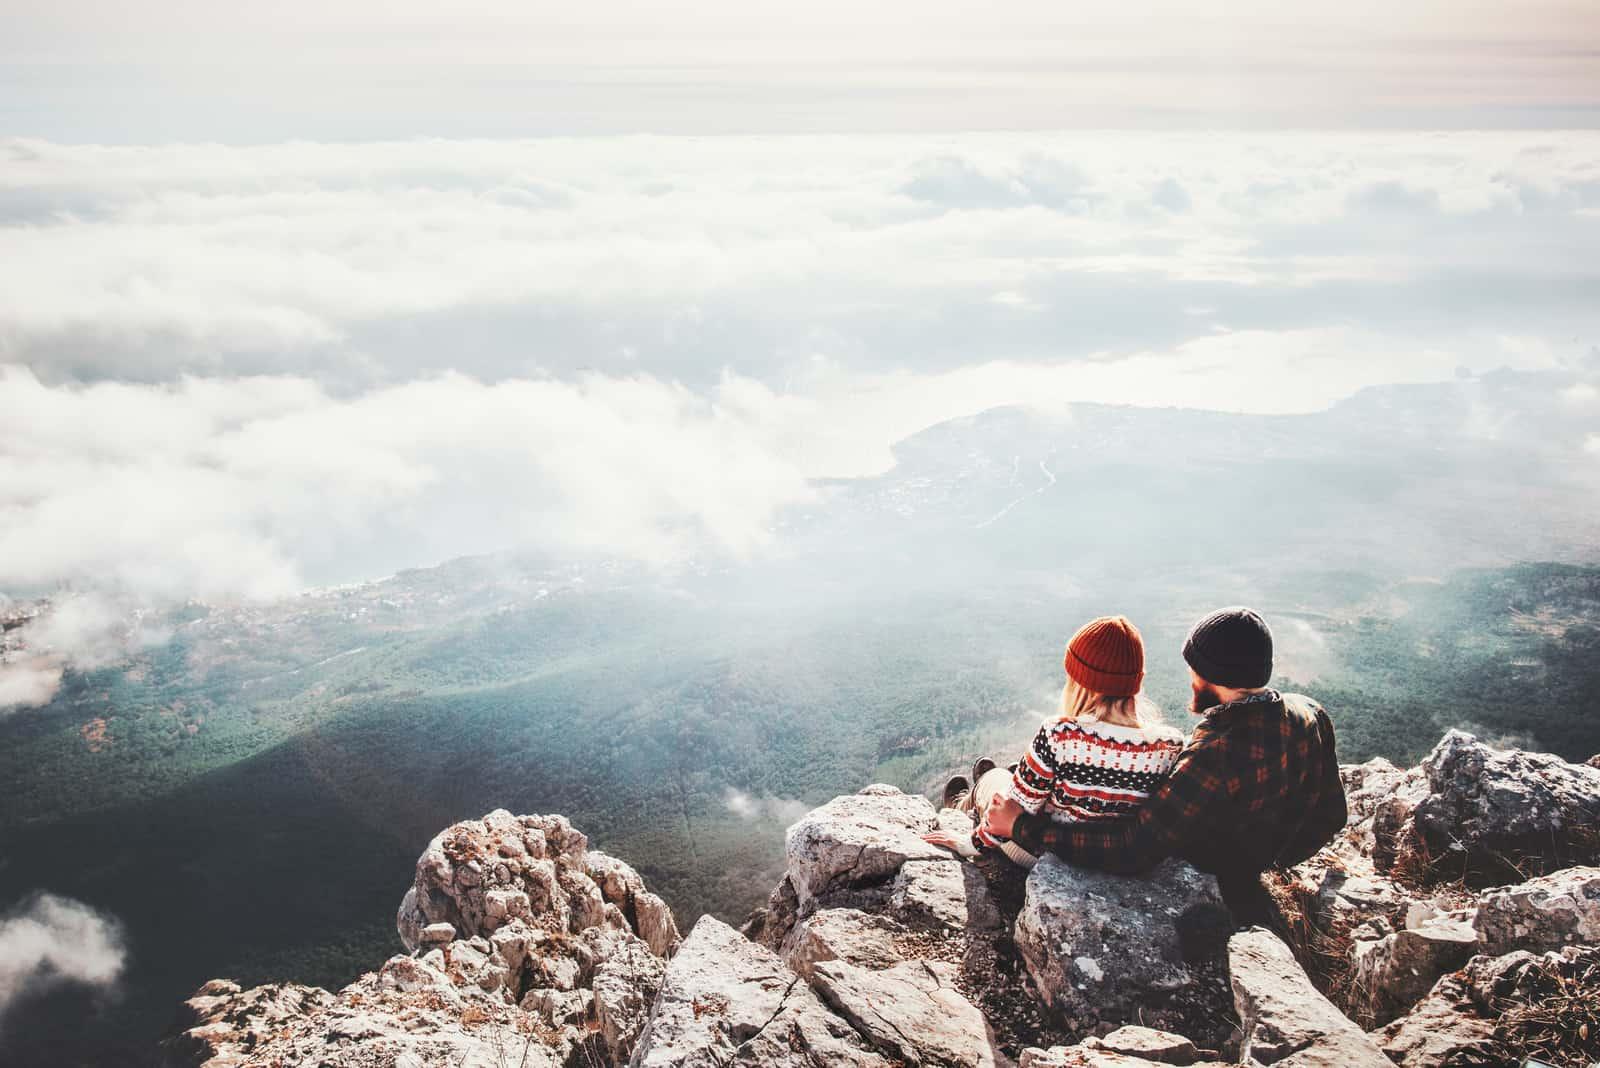 Mann und Frau sitzen auf Klippe entspannend